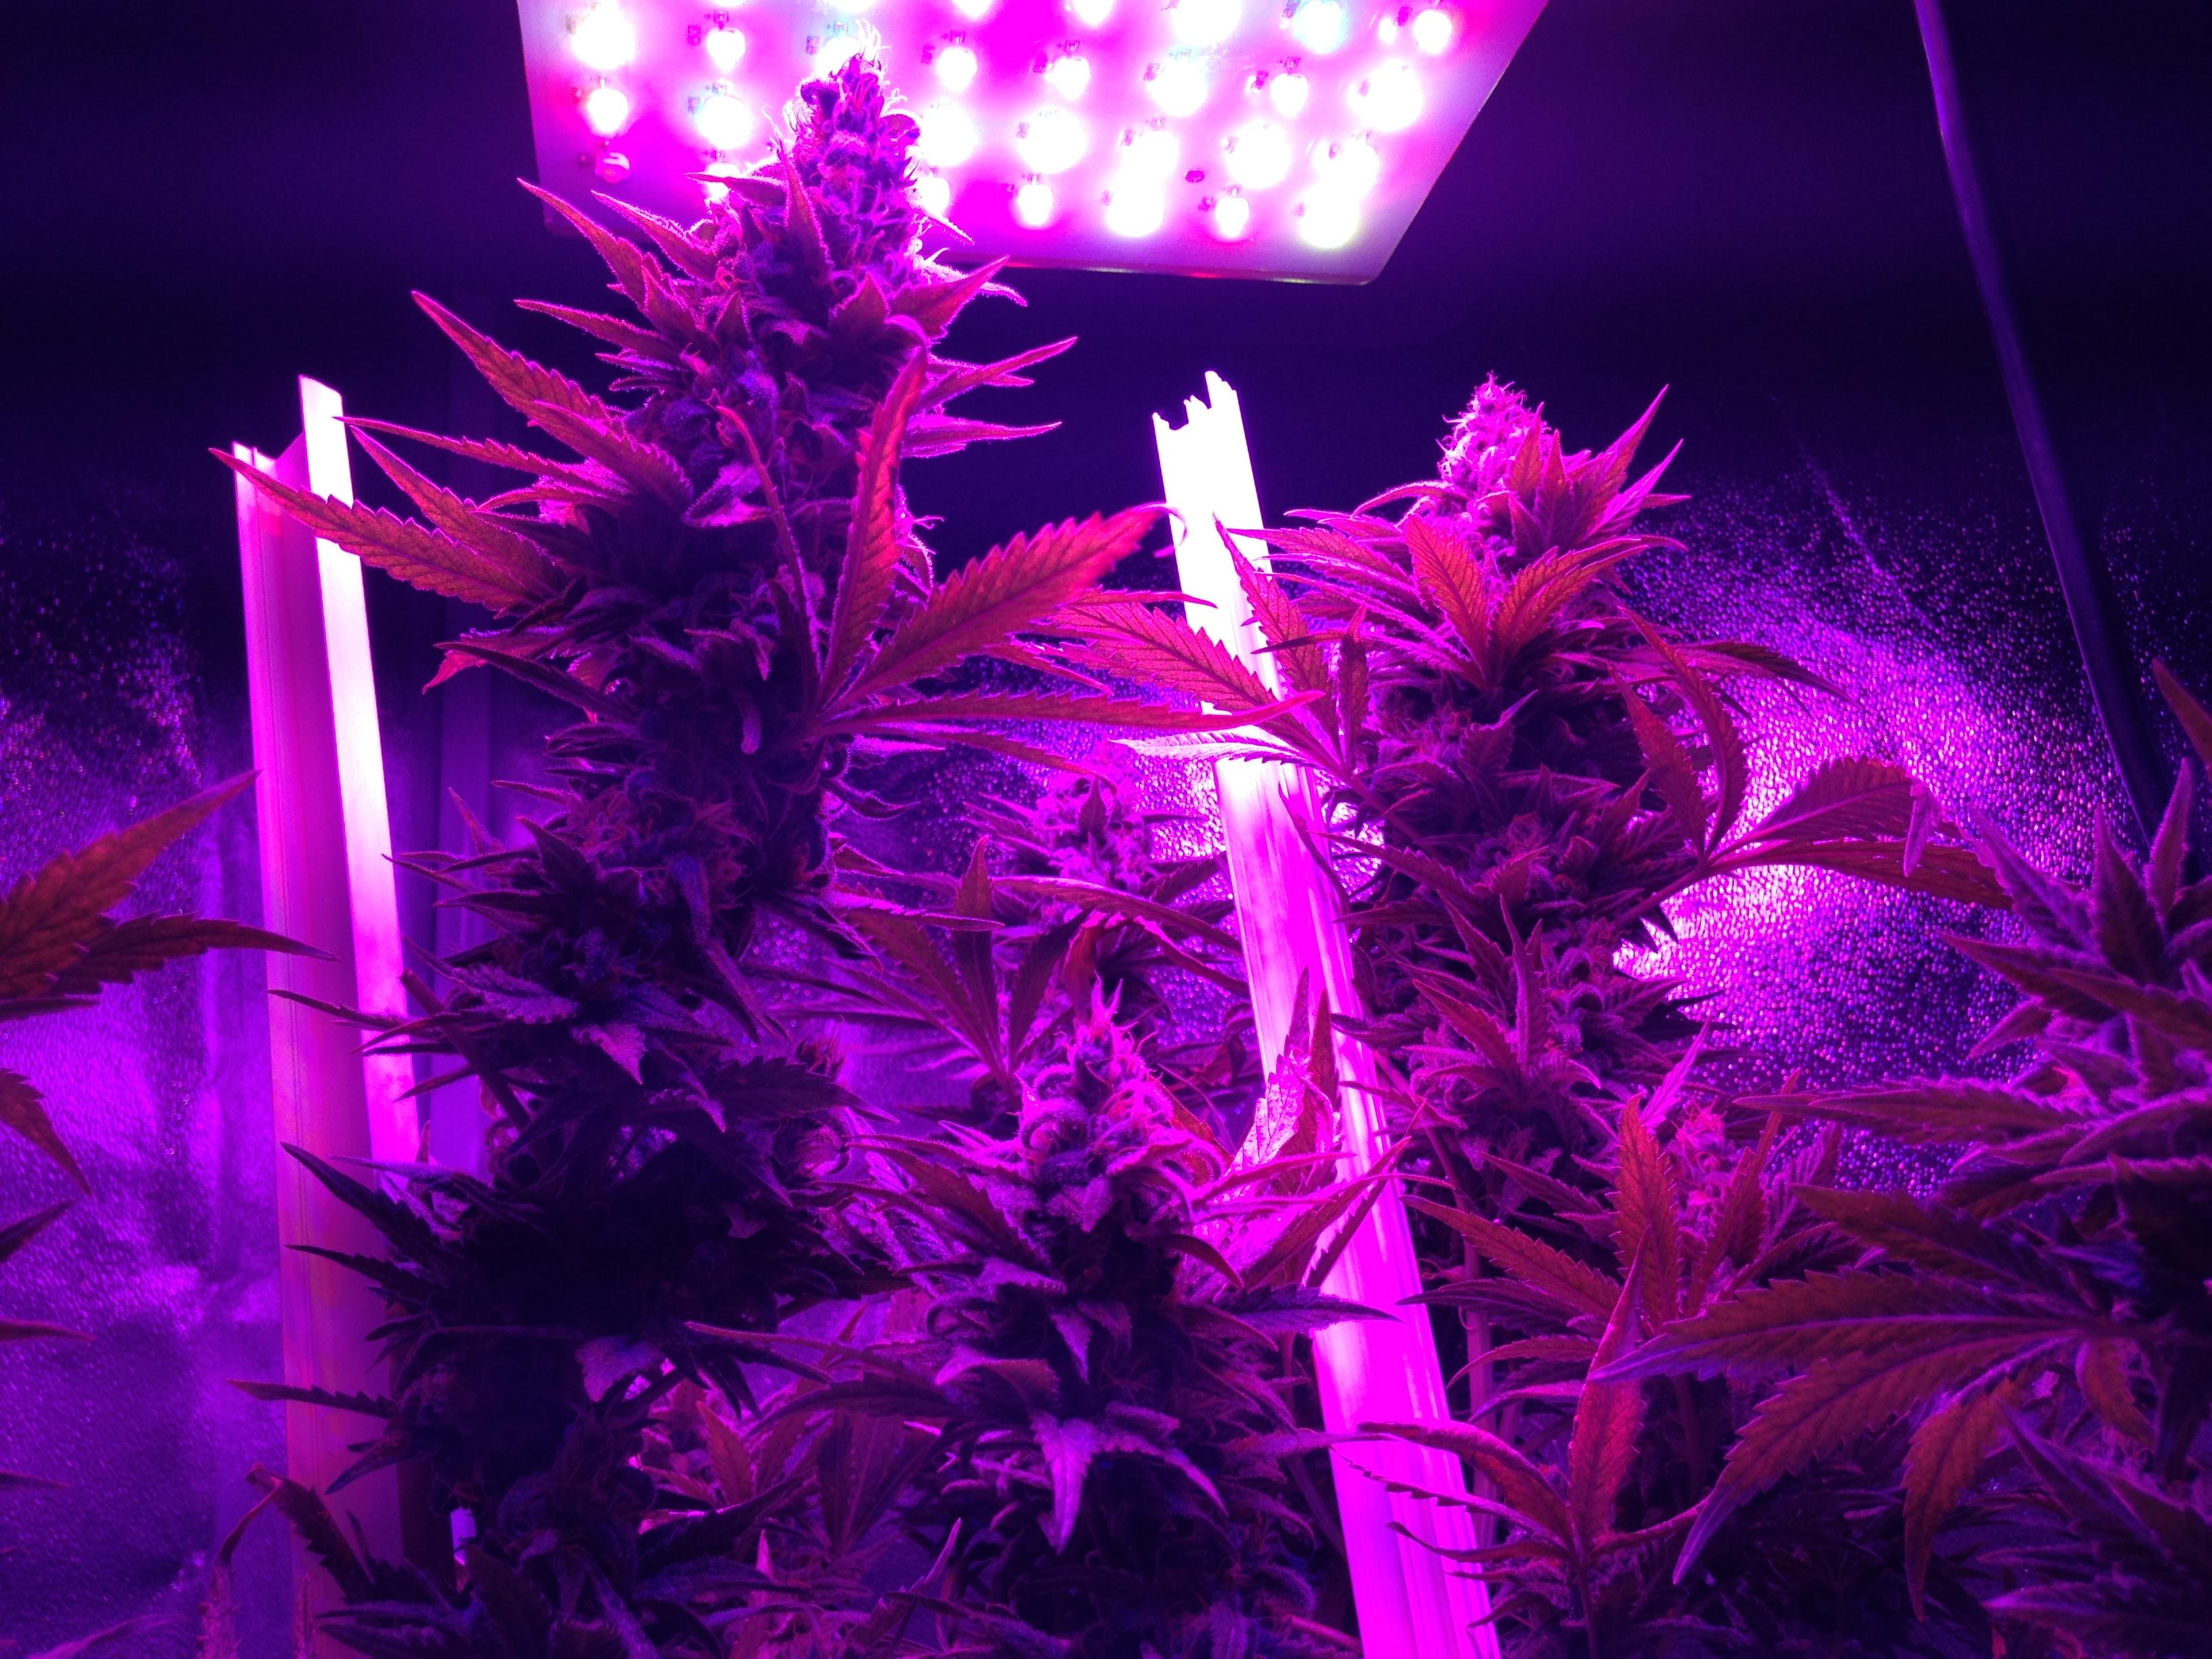 Os maiores segredos do cultivo indoor de maconha com leds - Pantalla led cultivo interior ...